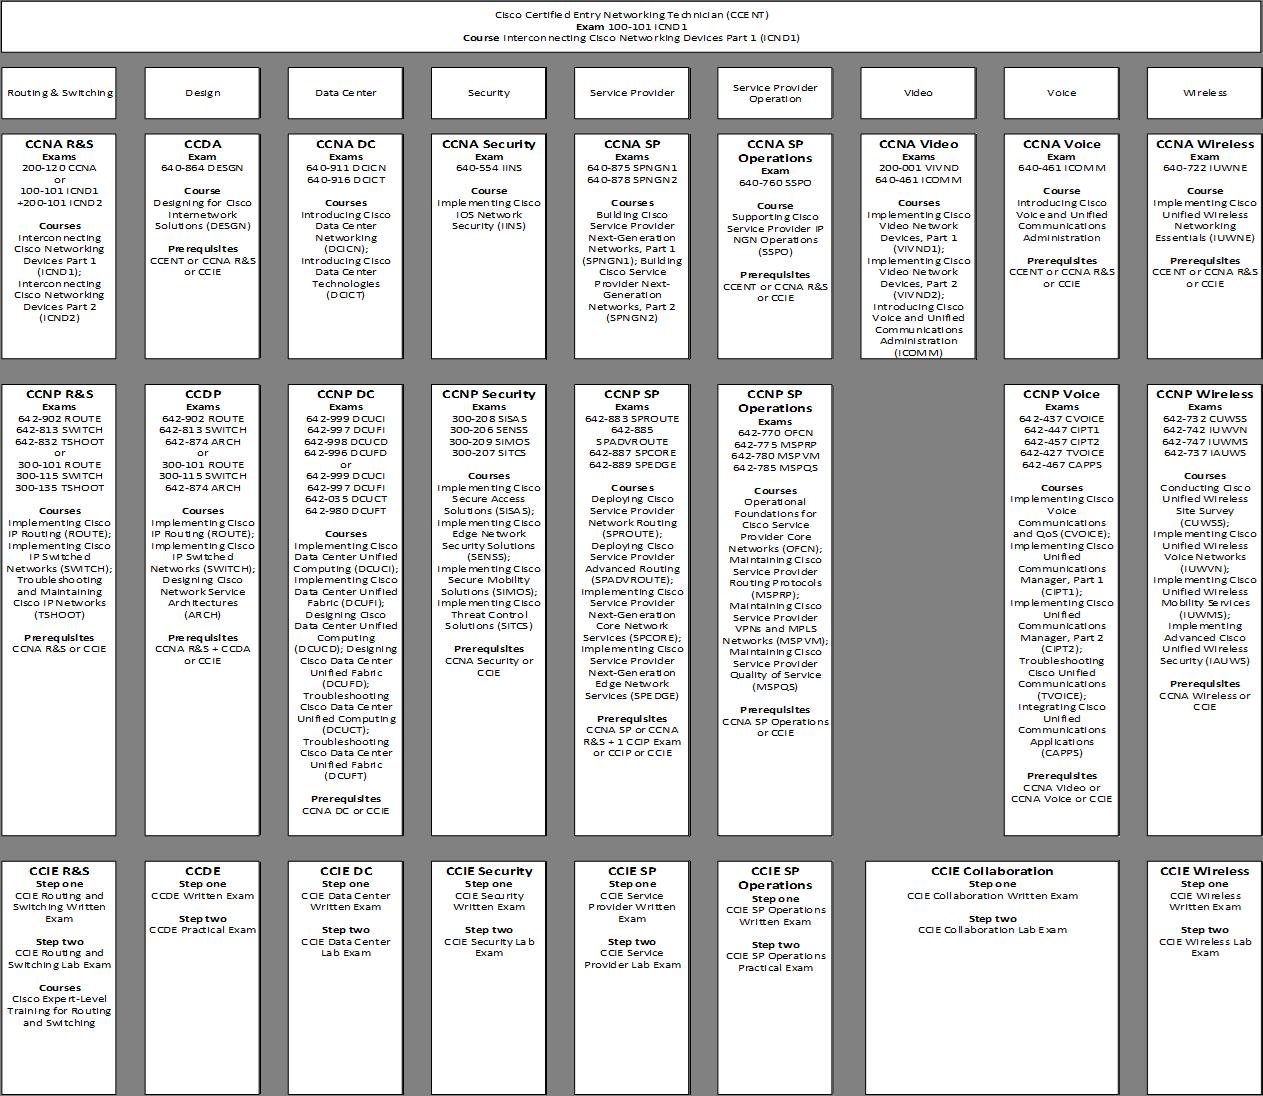 схема № 9 сертификационная схема